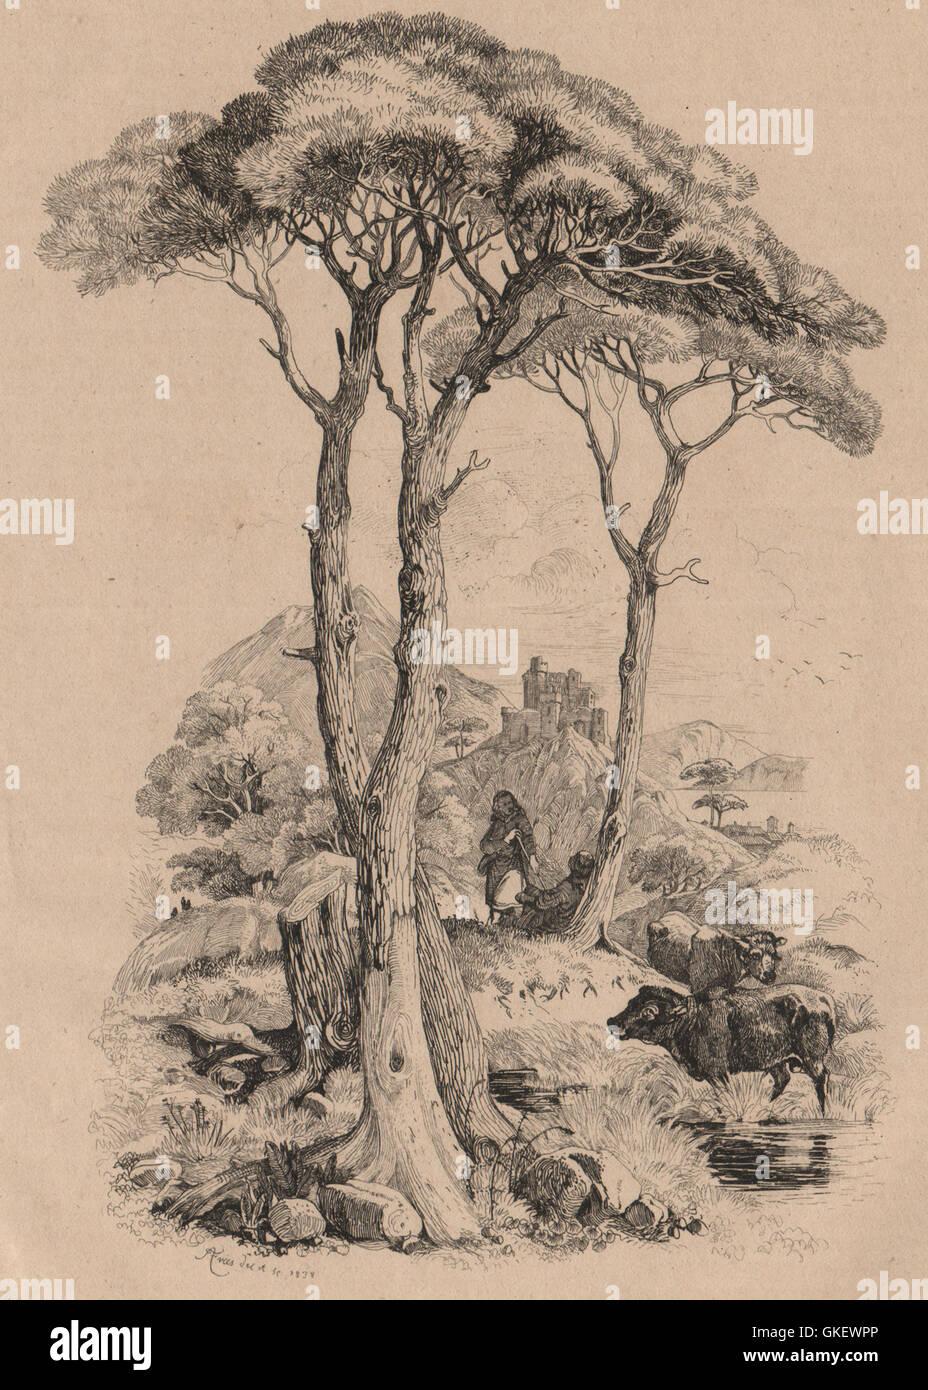 PINE TREE: Pin (Vue générale du genre), antique print 1834 - Stock Image